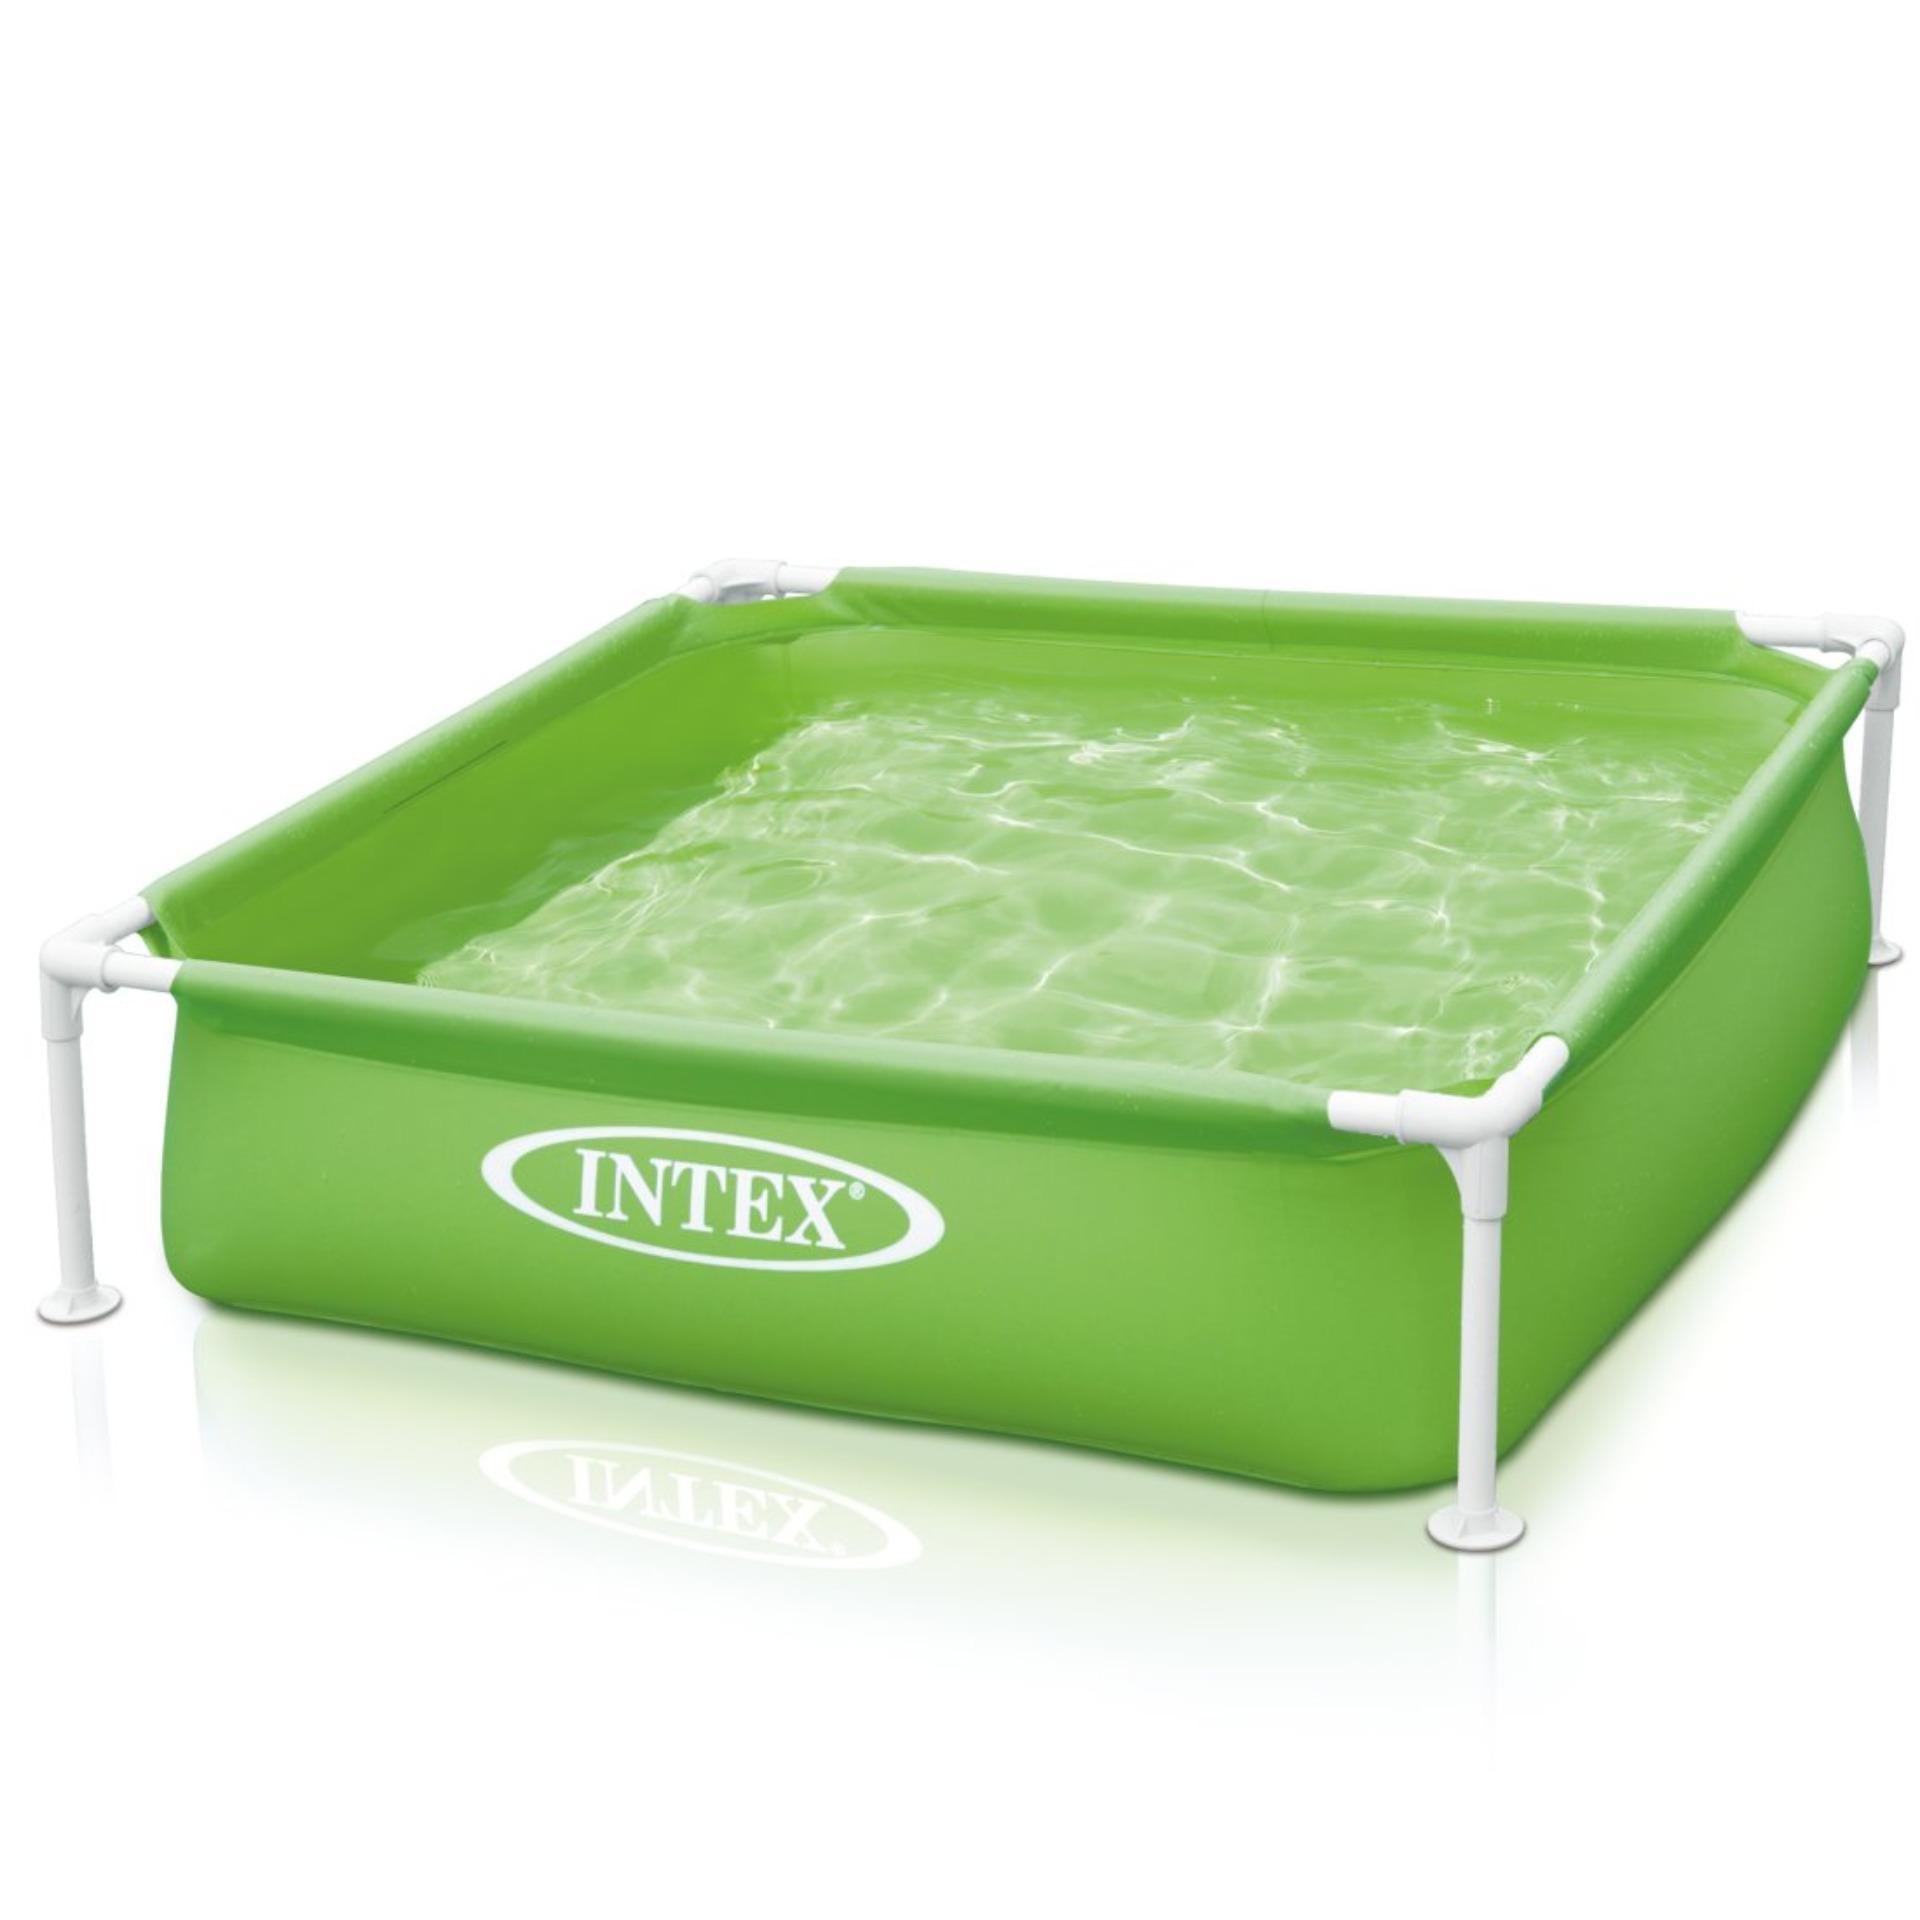 Kolam Renang Intex Swim Center Family Pool 584843 Daftar Harga See Through Round 57489 Blue Mini Frame Hijau Kotak Karet Anak 57172